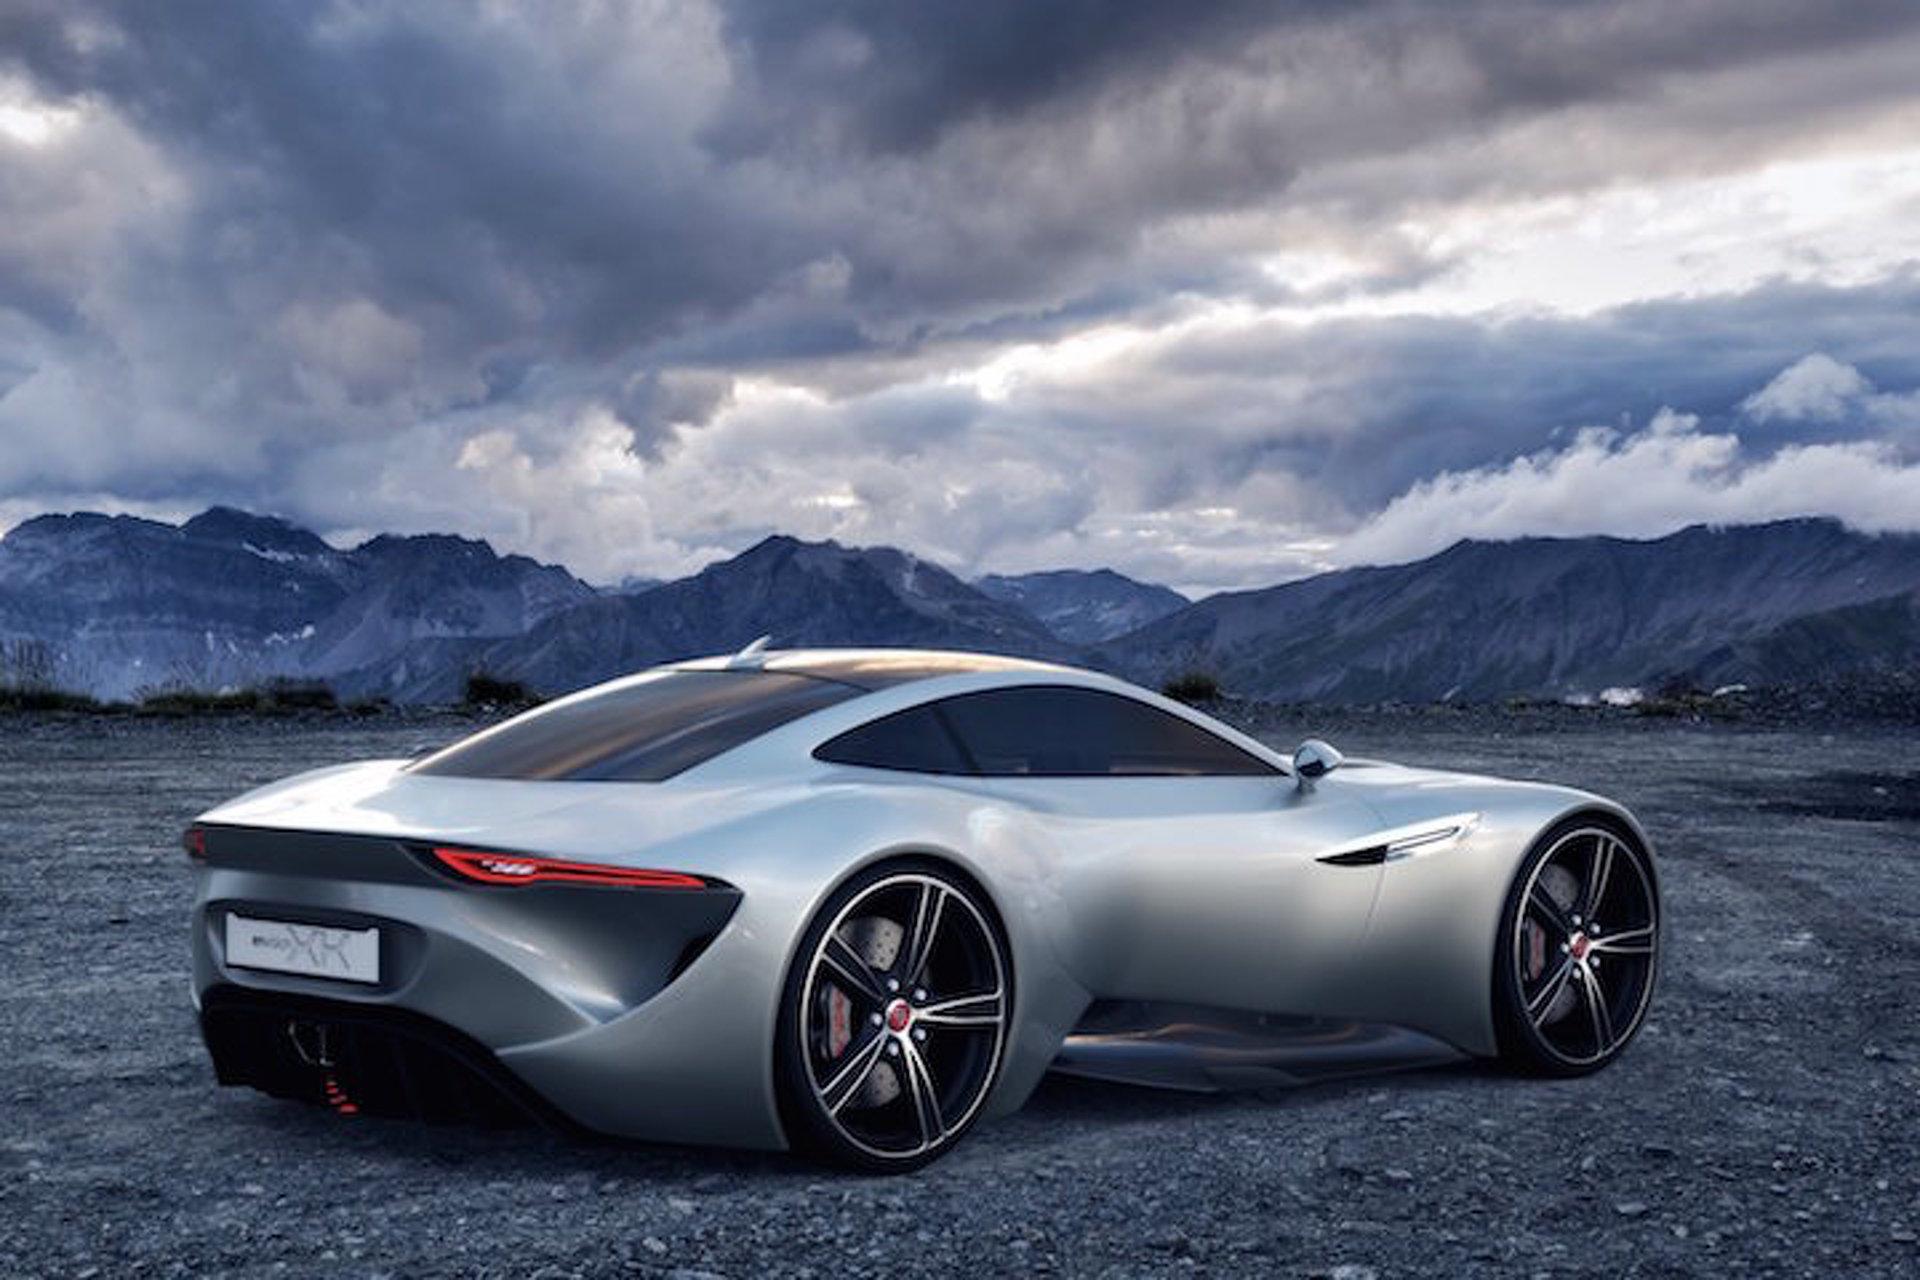 Jaguar Xk Replacement 2017 >> Jaguar New Xk - Auto Express